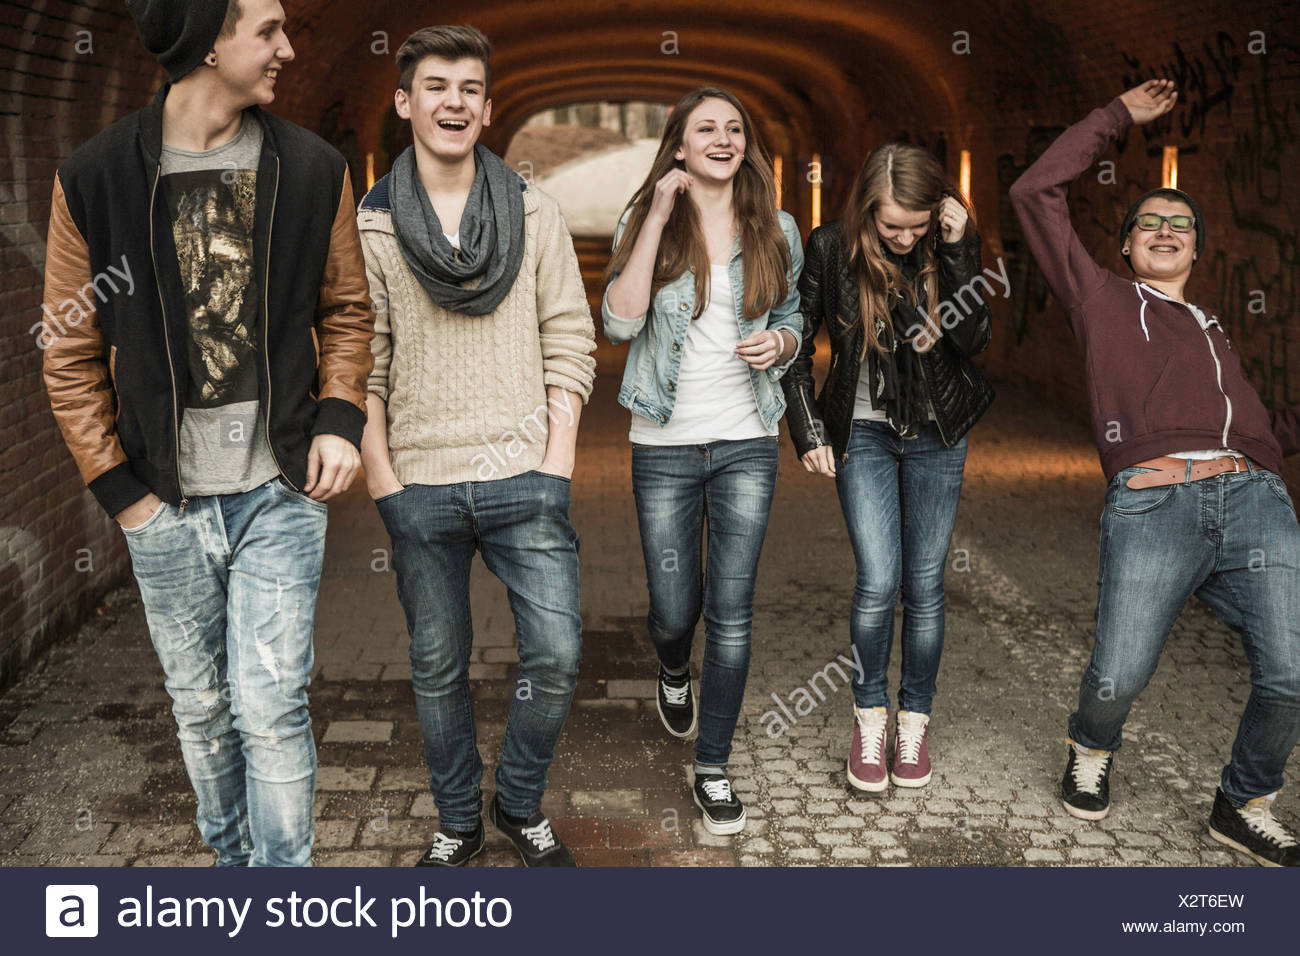 Fünf Jugendliche zu Fuß durch Tunnel, lachen und scherzen Stockbild